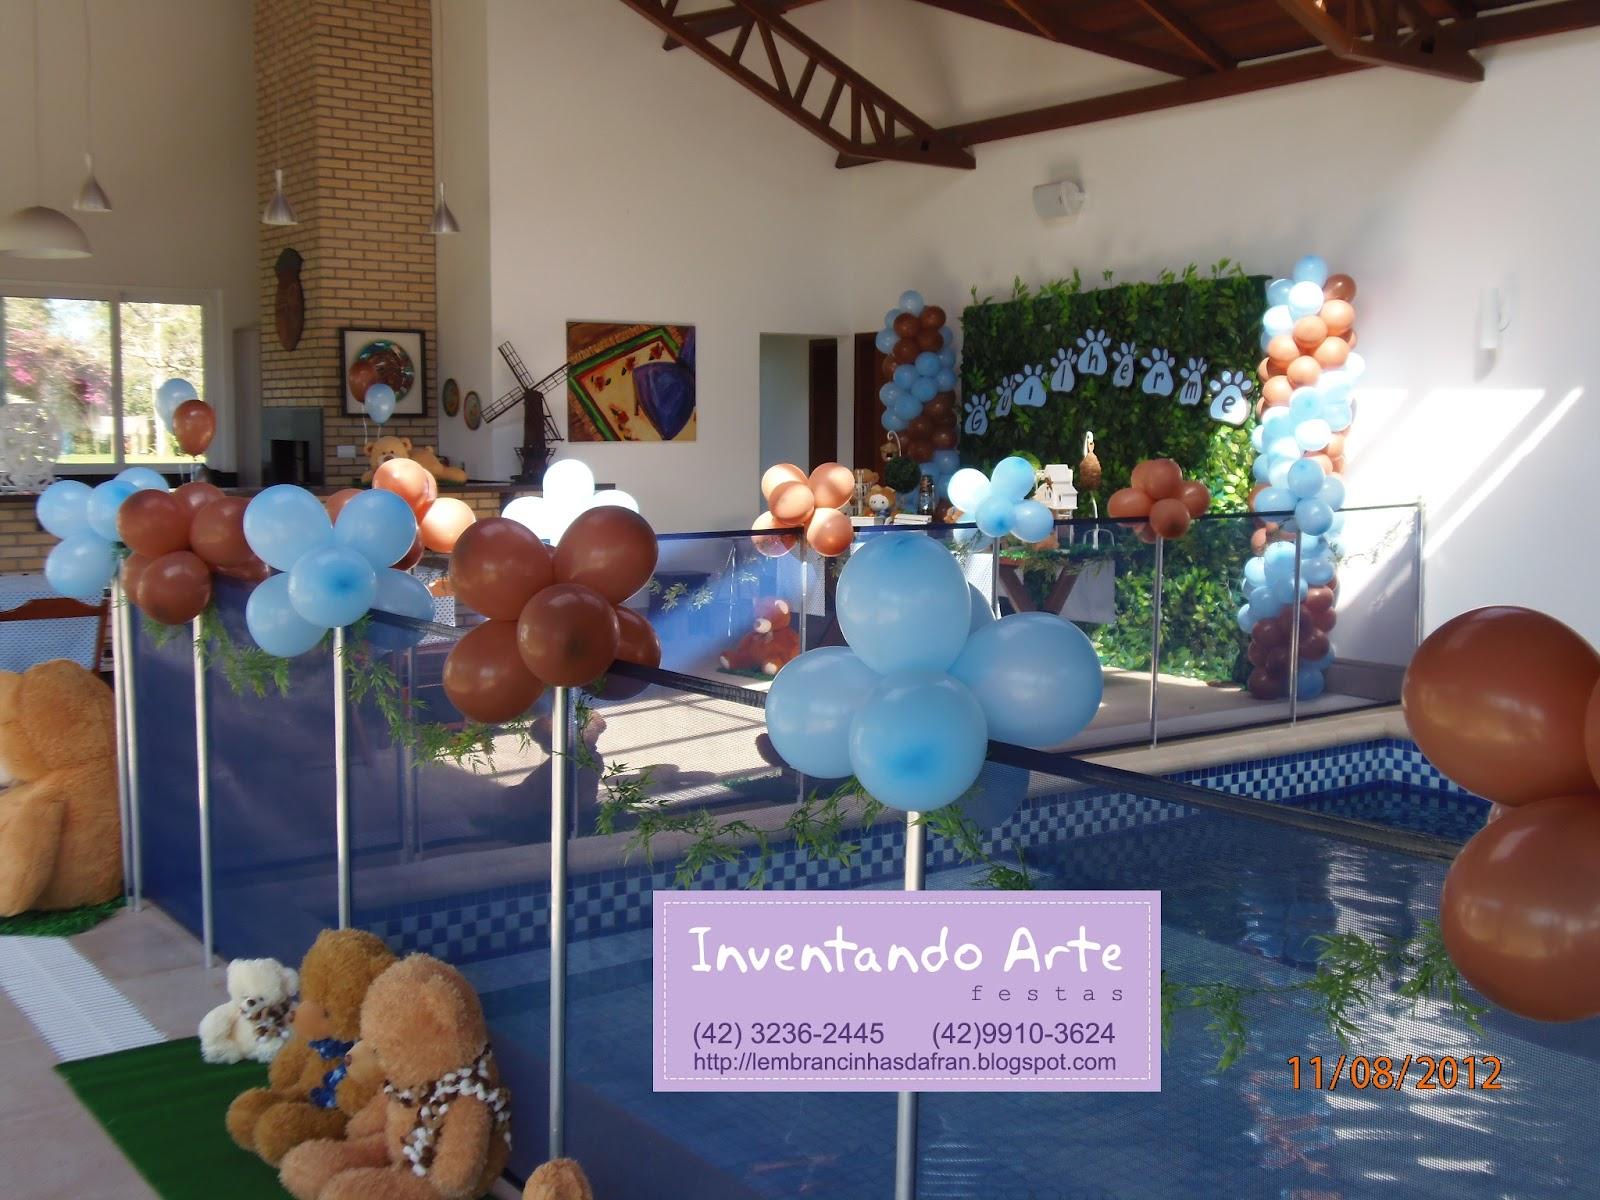 decoracao festa urso azul e marrom : decoracao festa urso azul e marrom:Inventando Arte: Festa do Guilherme – Marrom e Azul de Ursos